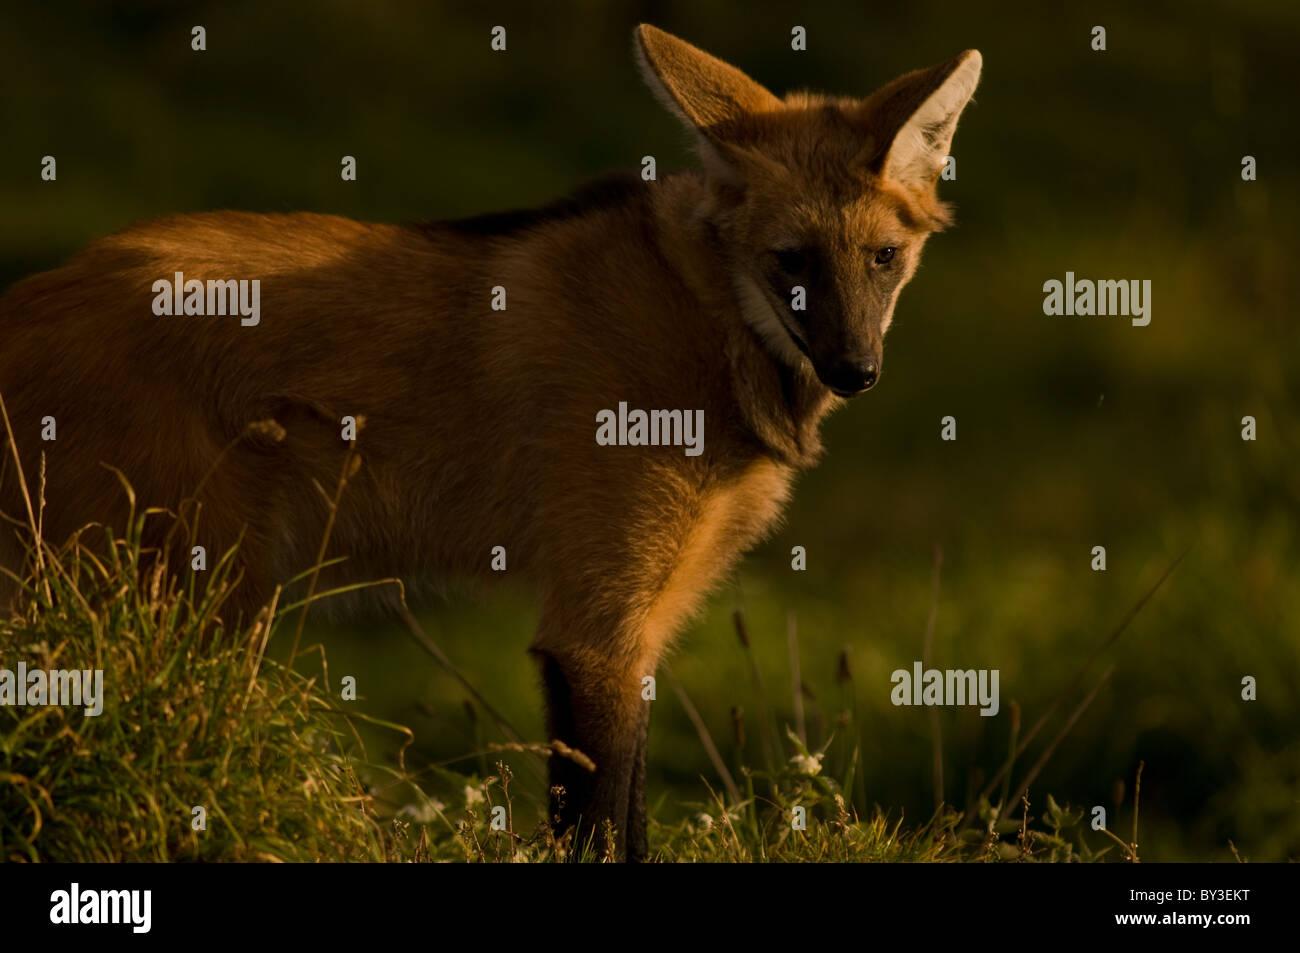 Le loup à crinière Chrysocyon brachyurus} {espèce en voie de disparition, l'Amérique du Sud Banque D'Images